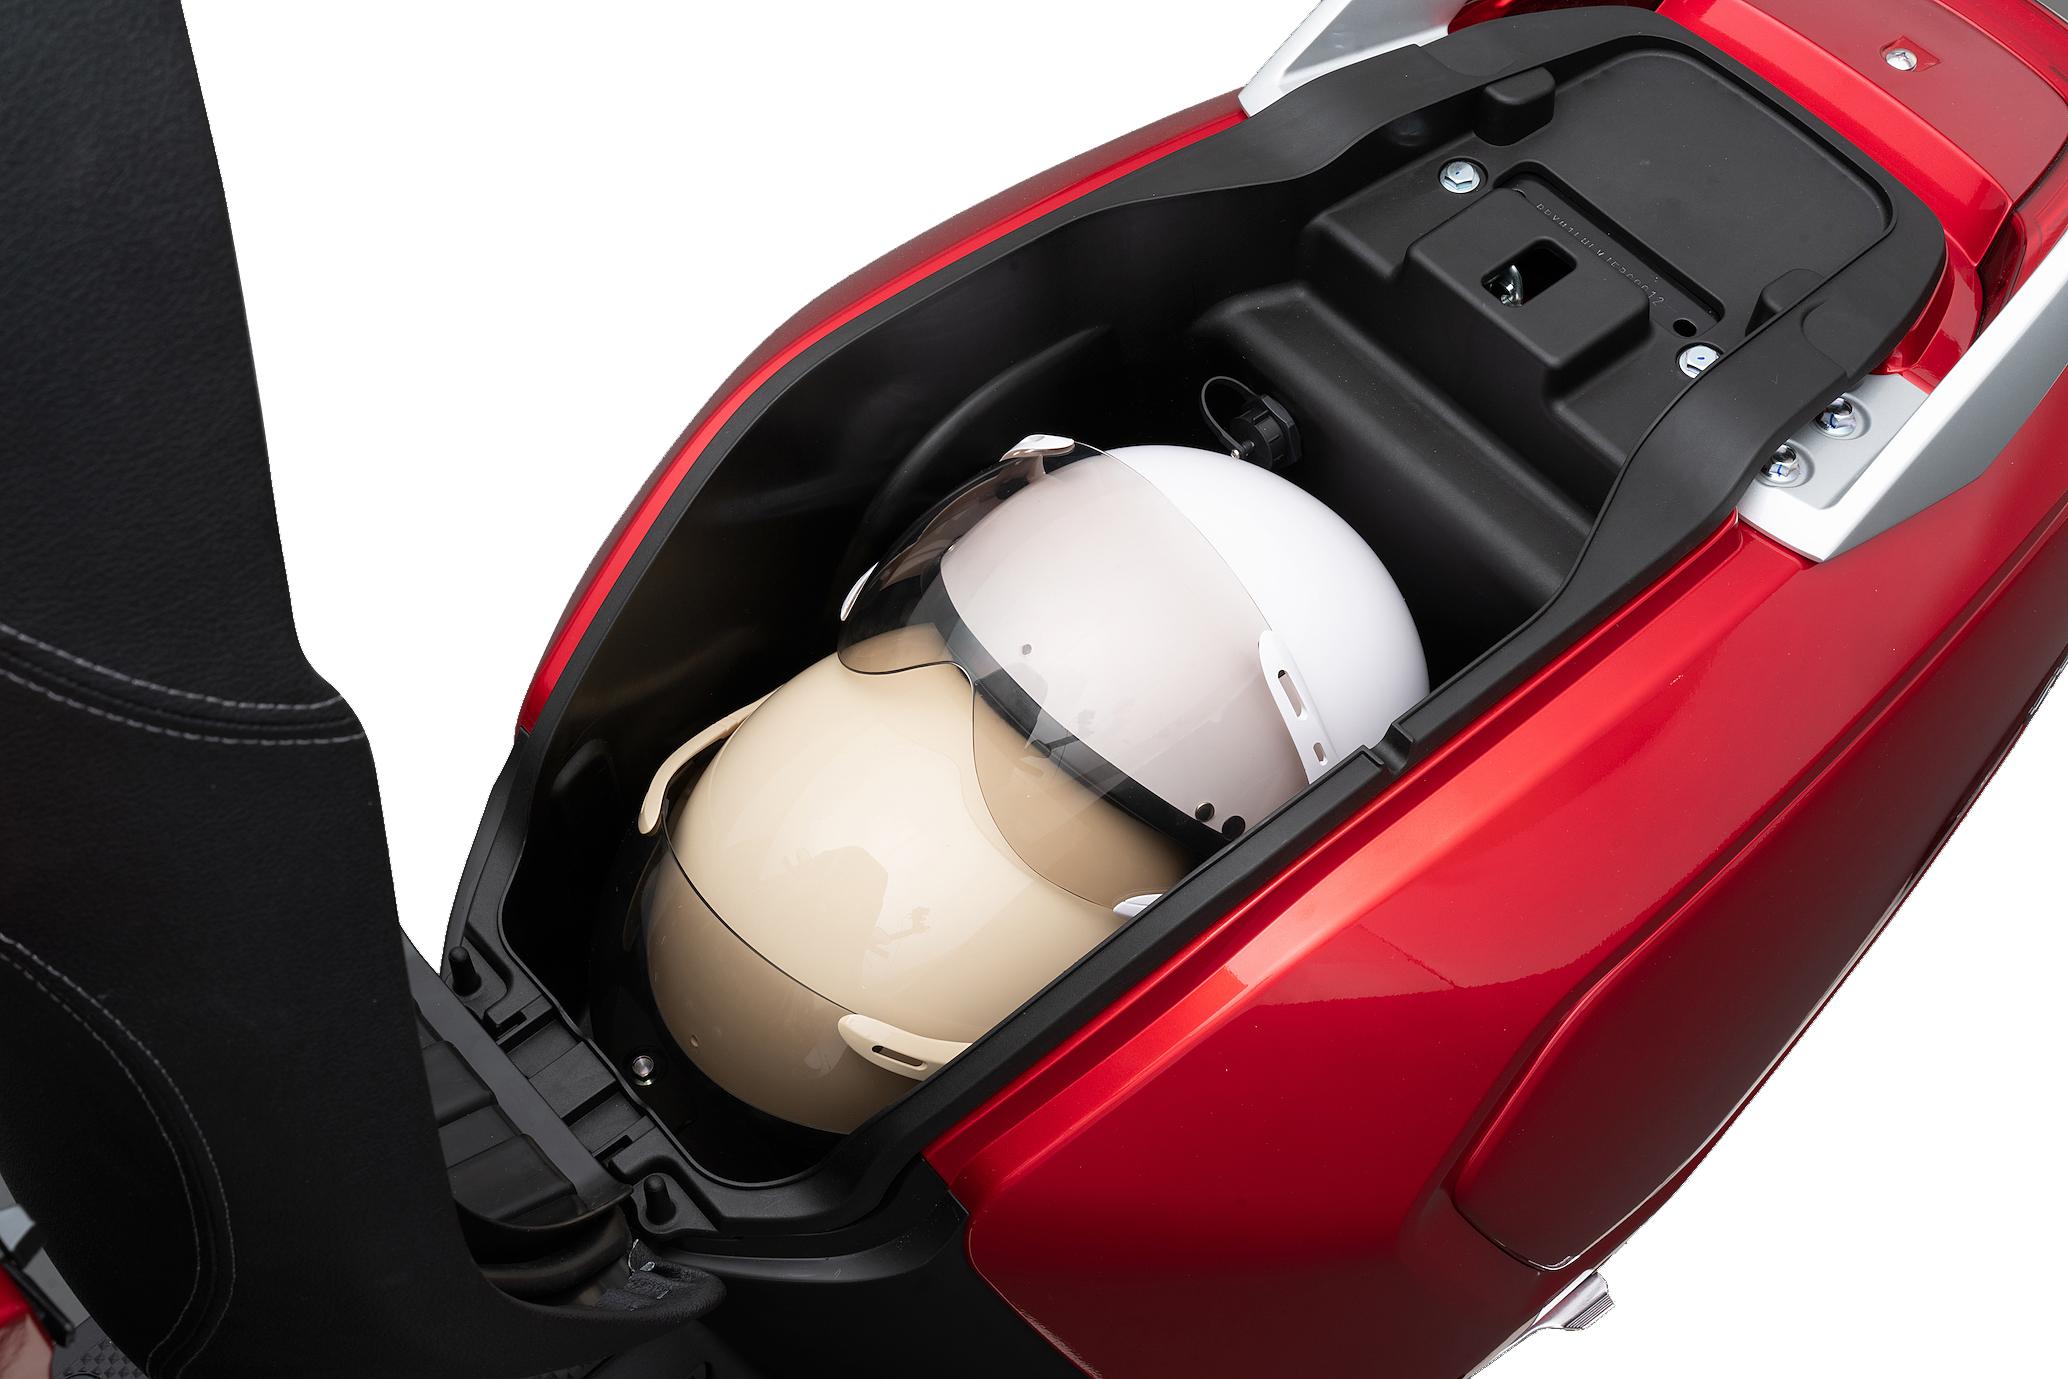 Xe máy điện có cốp xe rộng, thoải mái chứa đồ